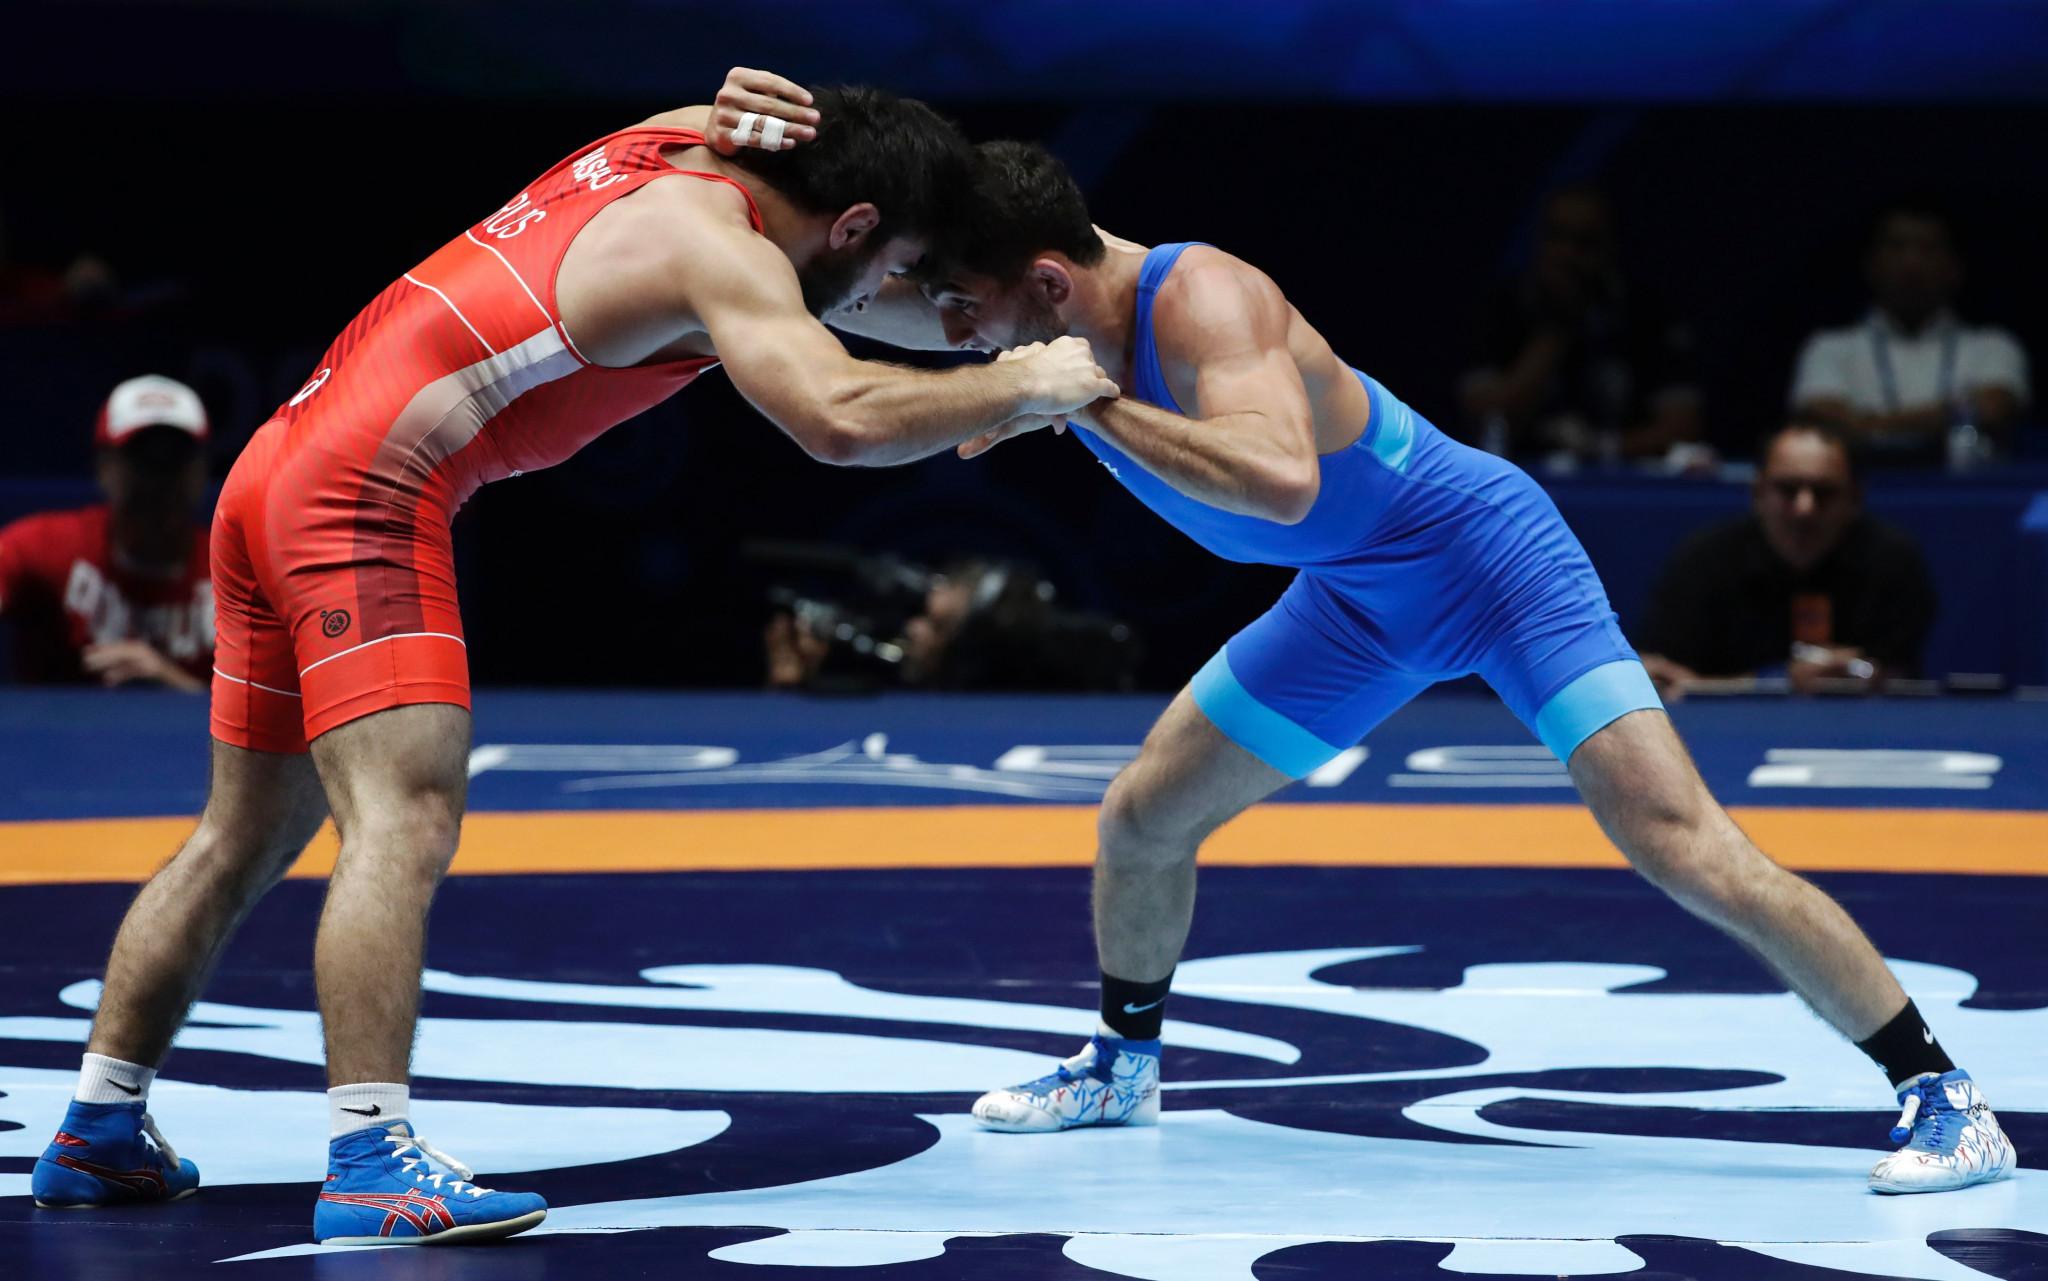 крутые картинки спорт борьба развивает теорию равновесия